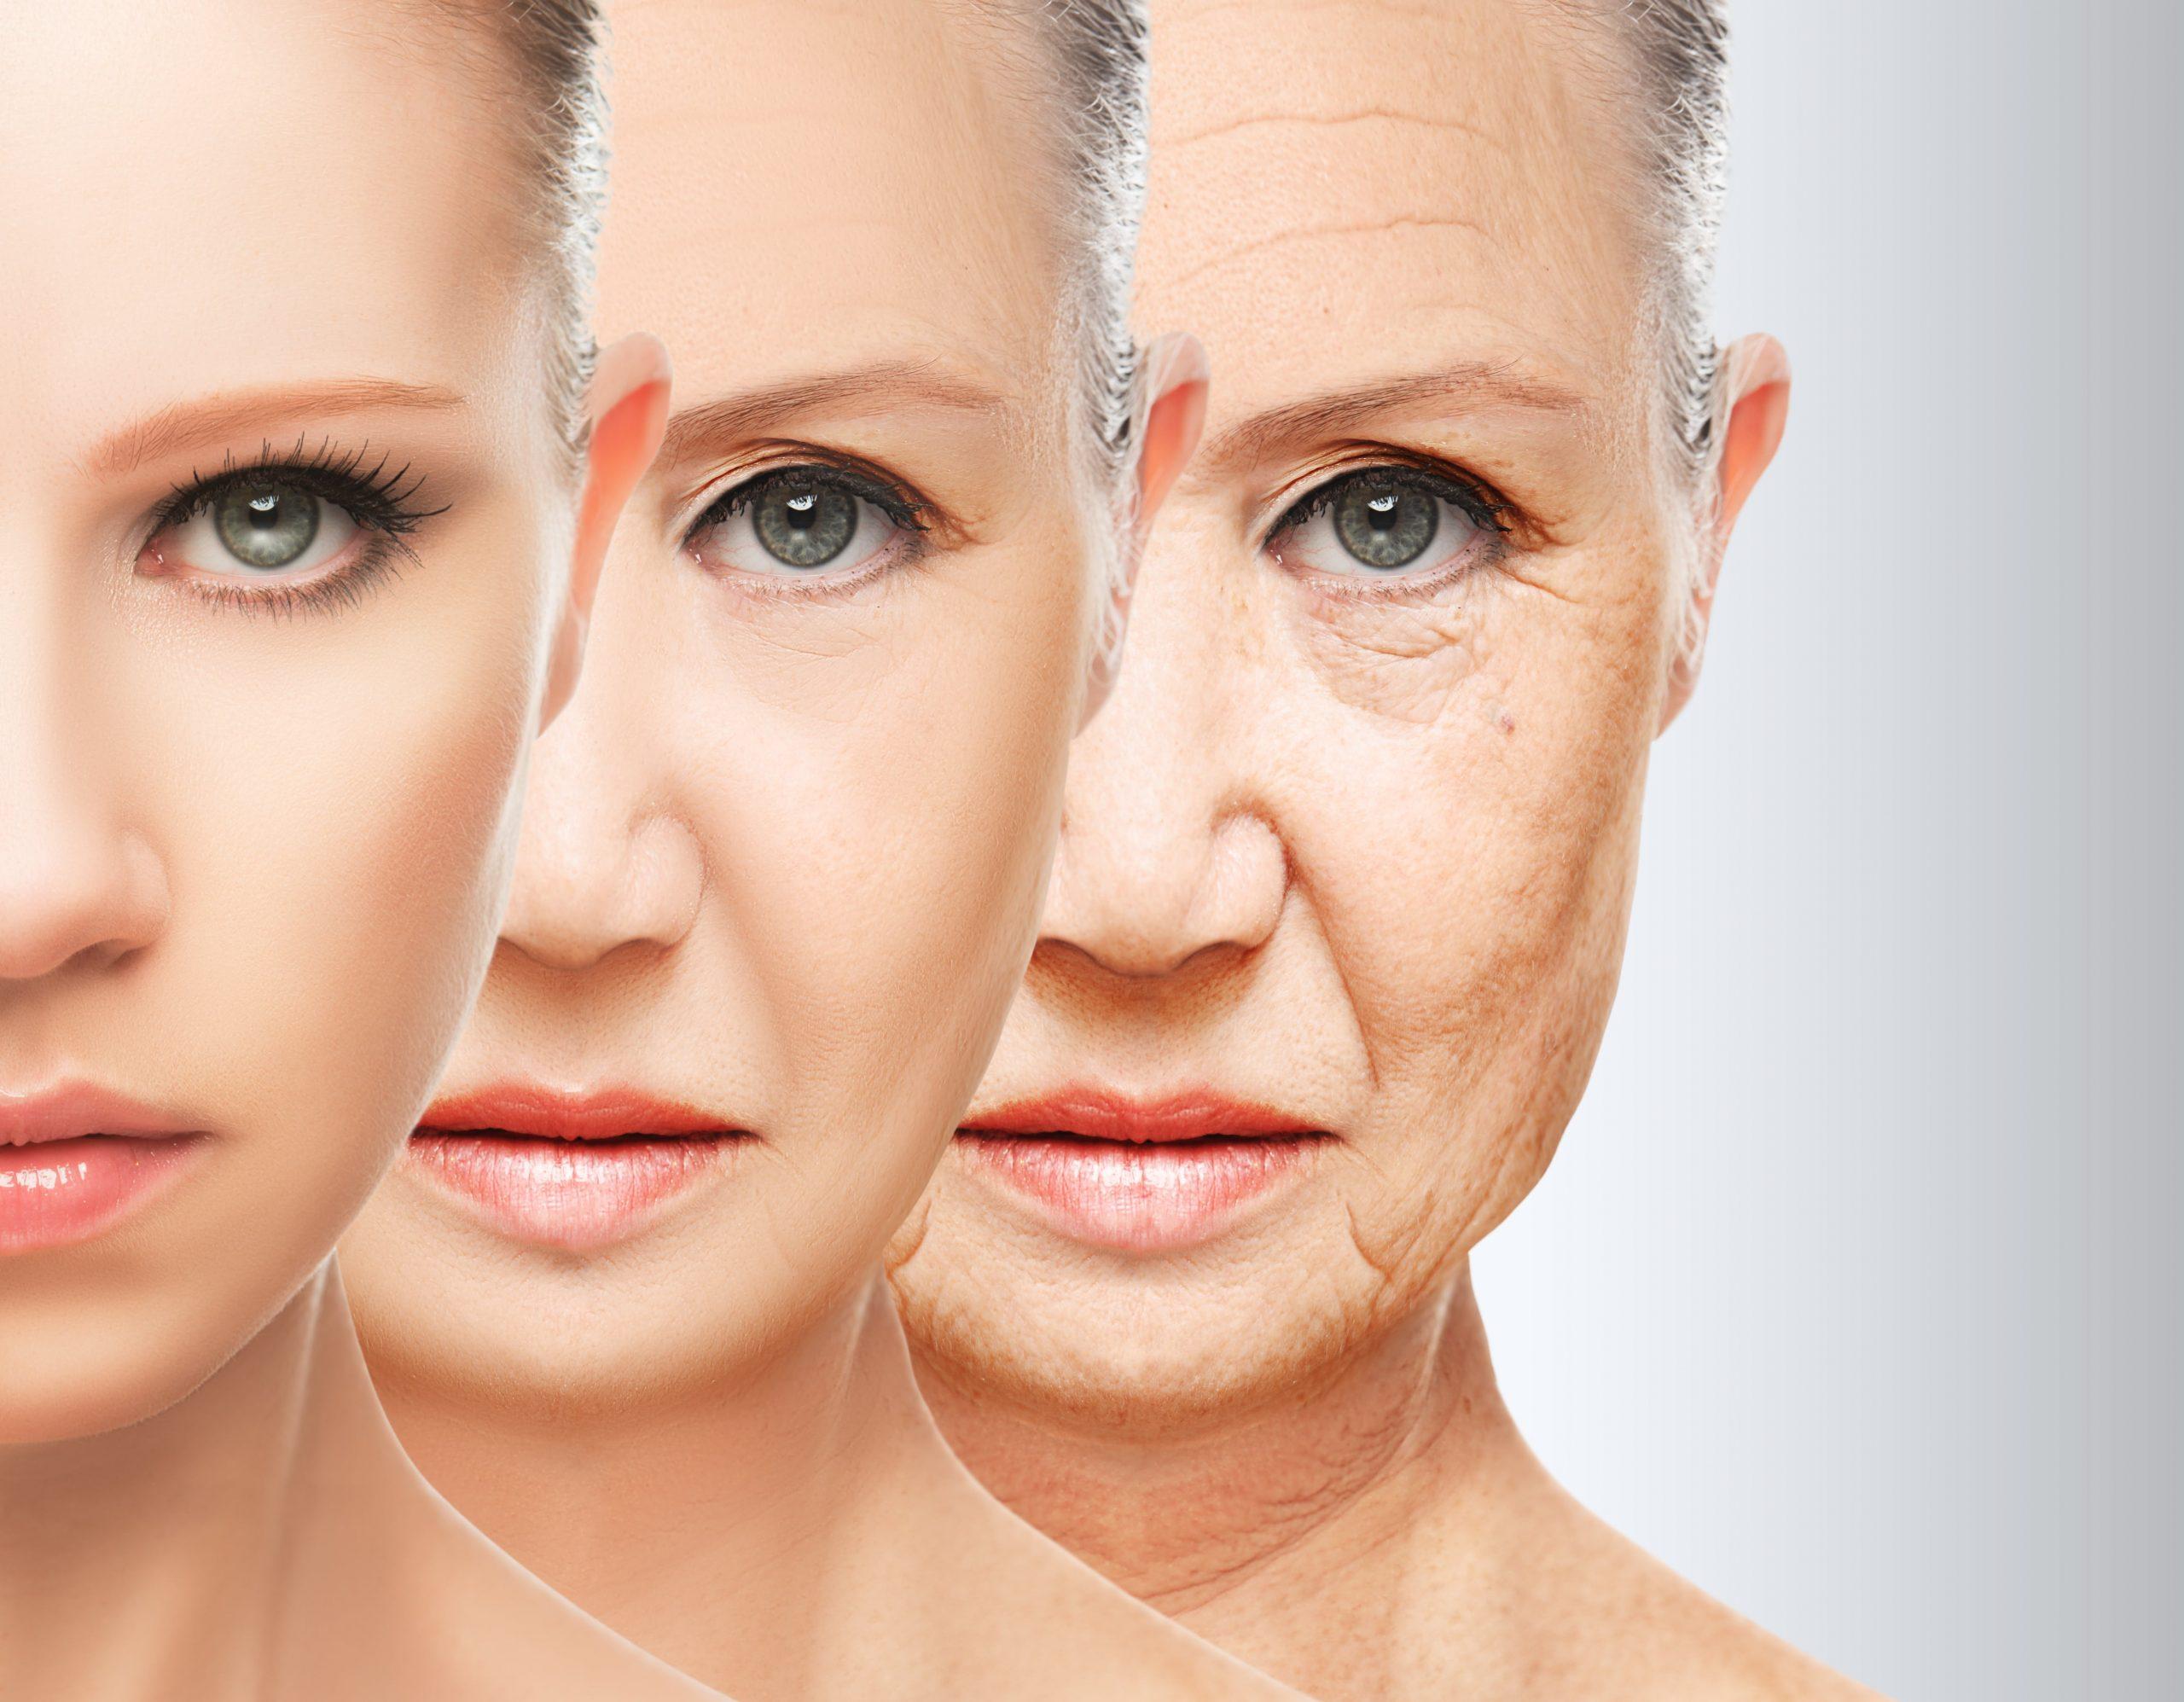 ¿Aparentas la edad que tienes? Descubre cuáles son los signos reveladores de la edad y cómo disimularlos.